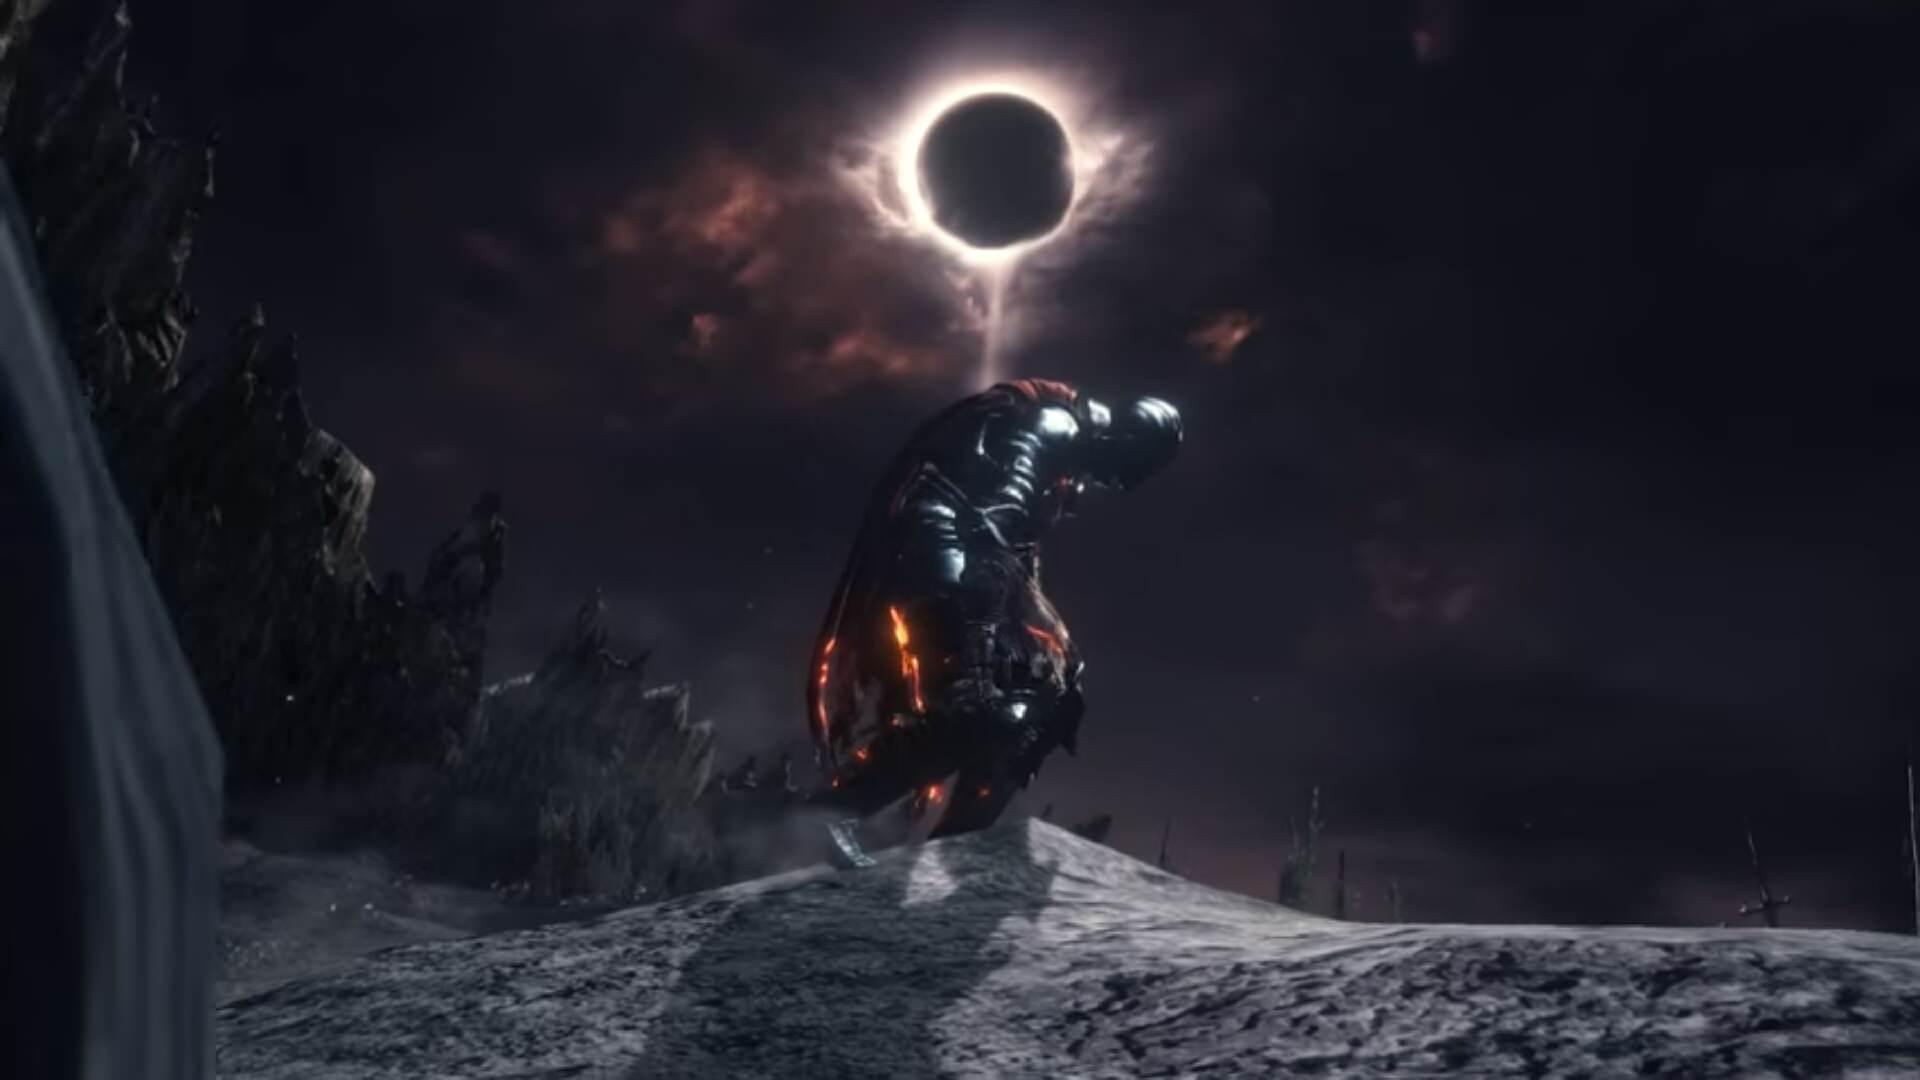 Dark Souls 3 The Ringed City Trailer Screenshot Analysis